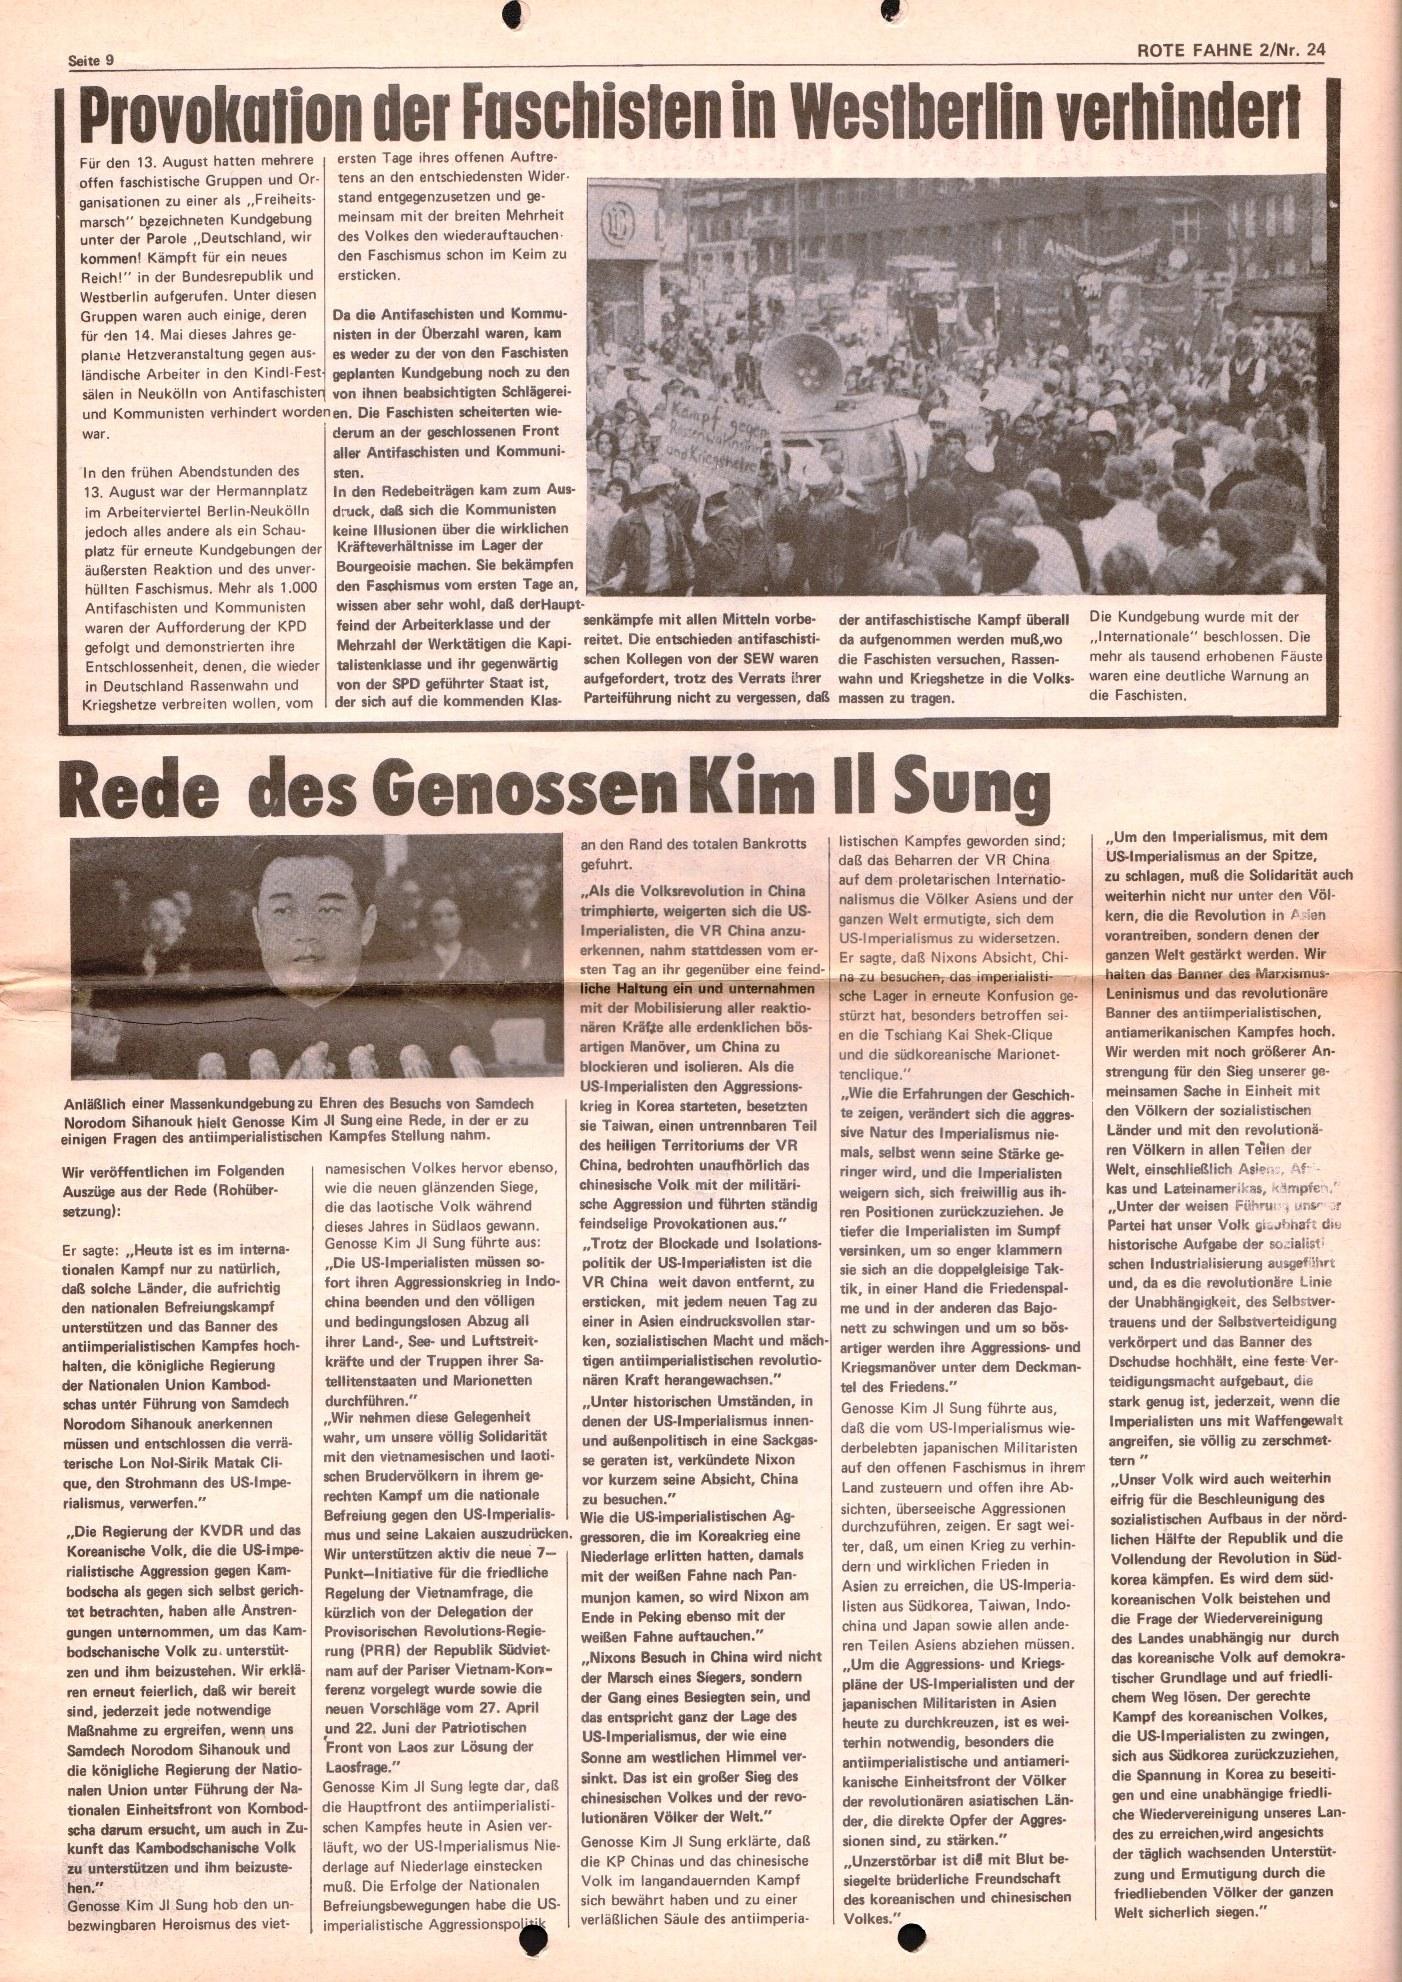 KPD_Rote_Fahne_1971_24_09